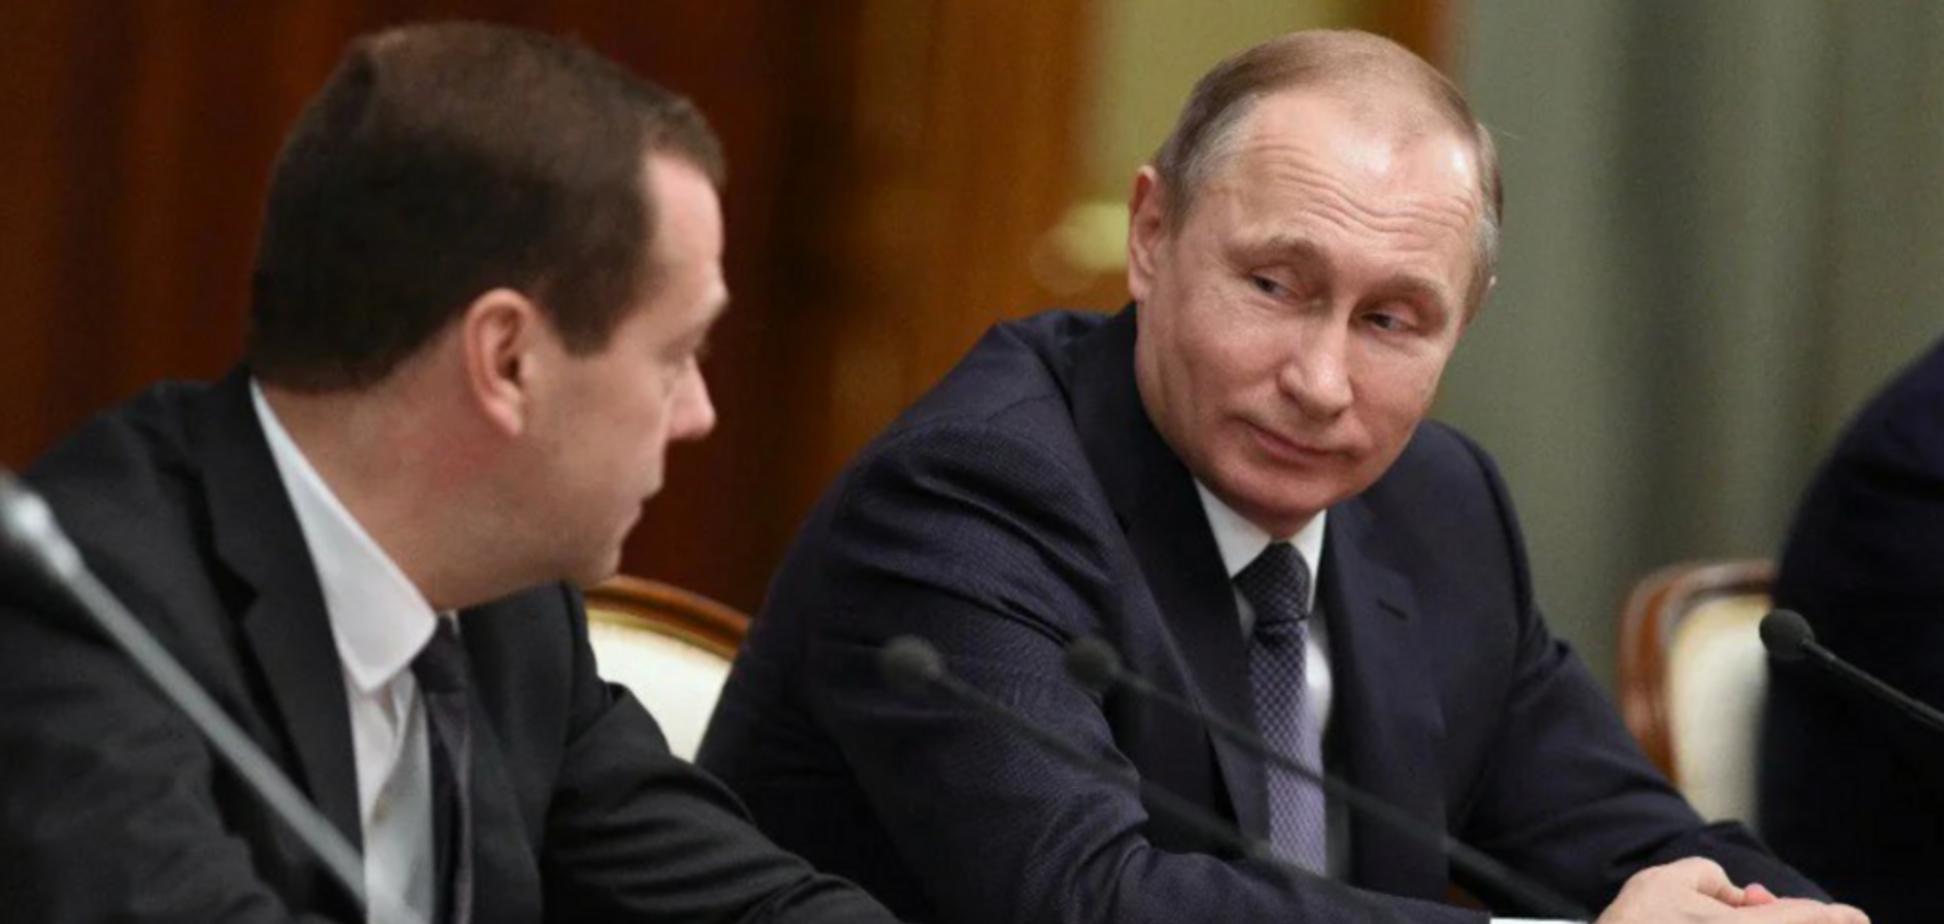 Сеть отреагировала на внезапную отставку Медведева